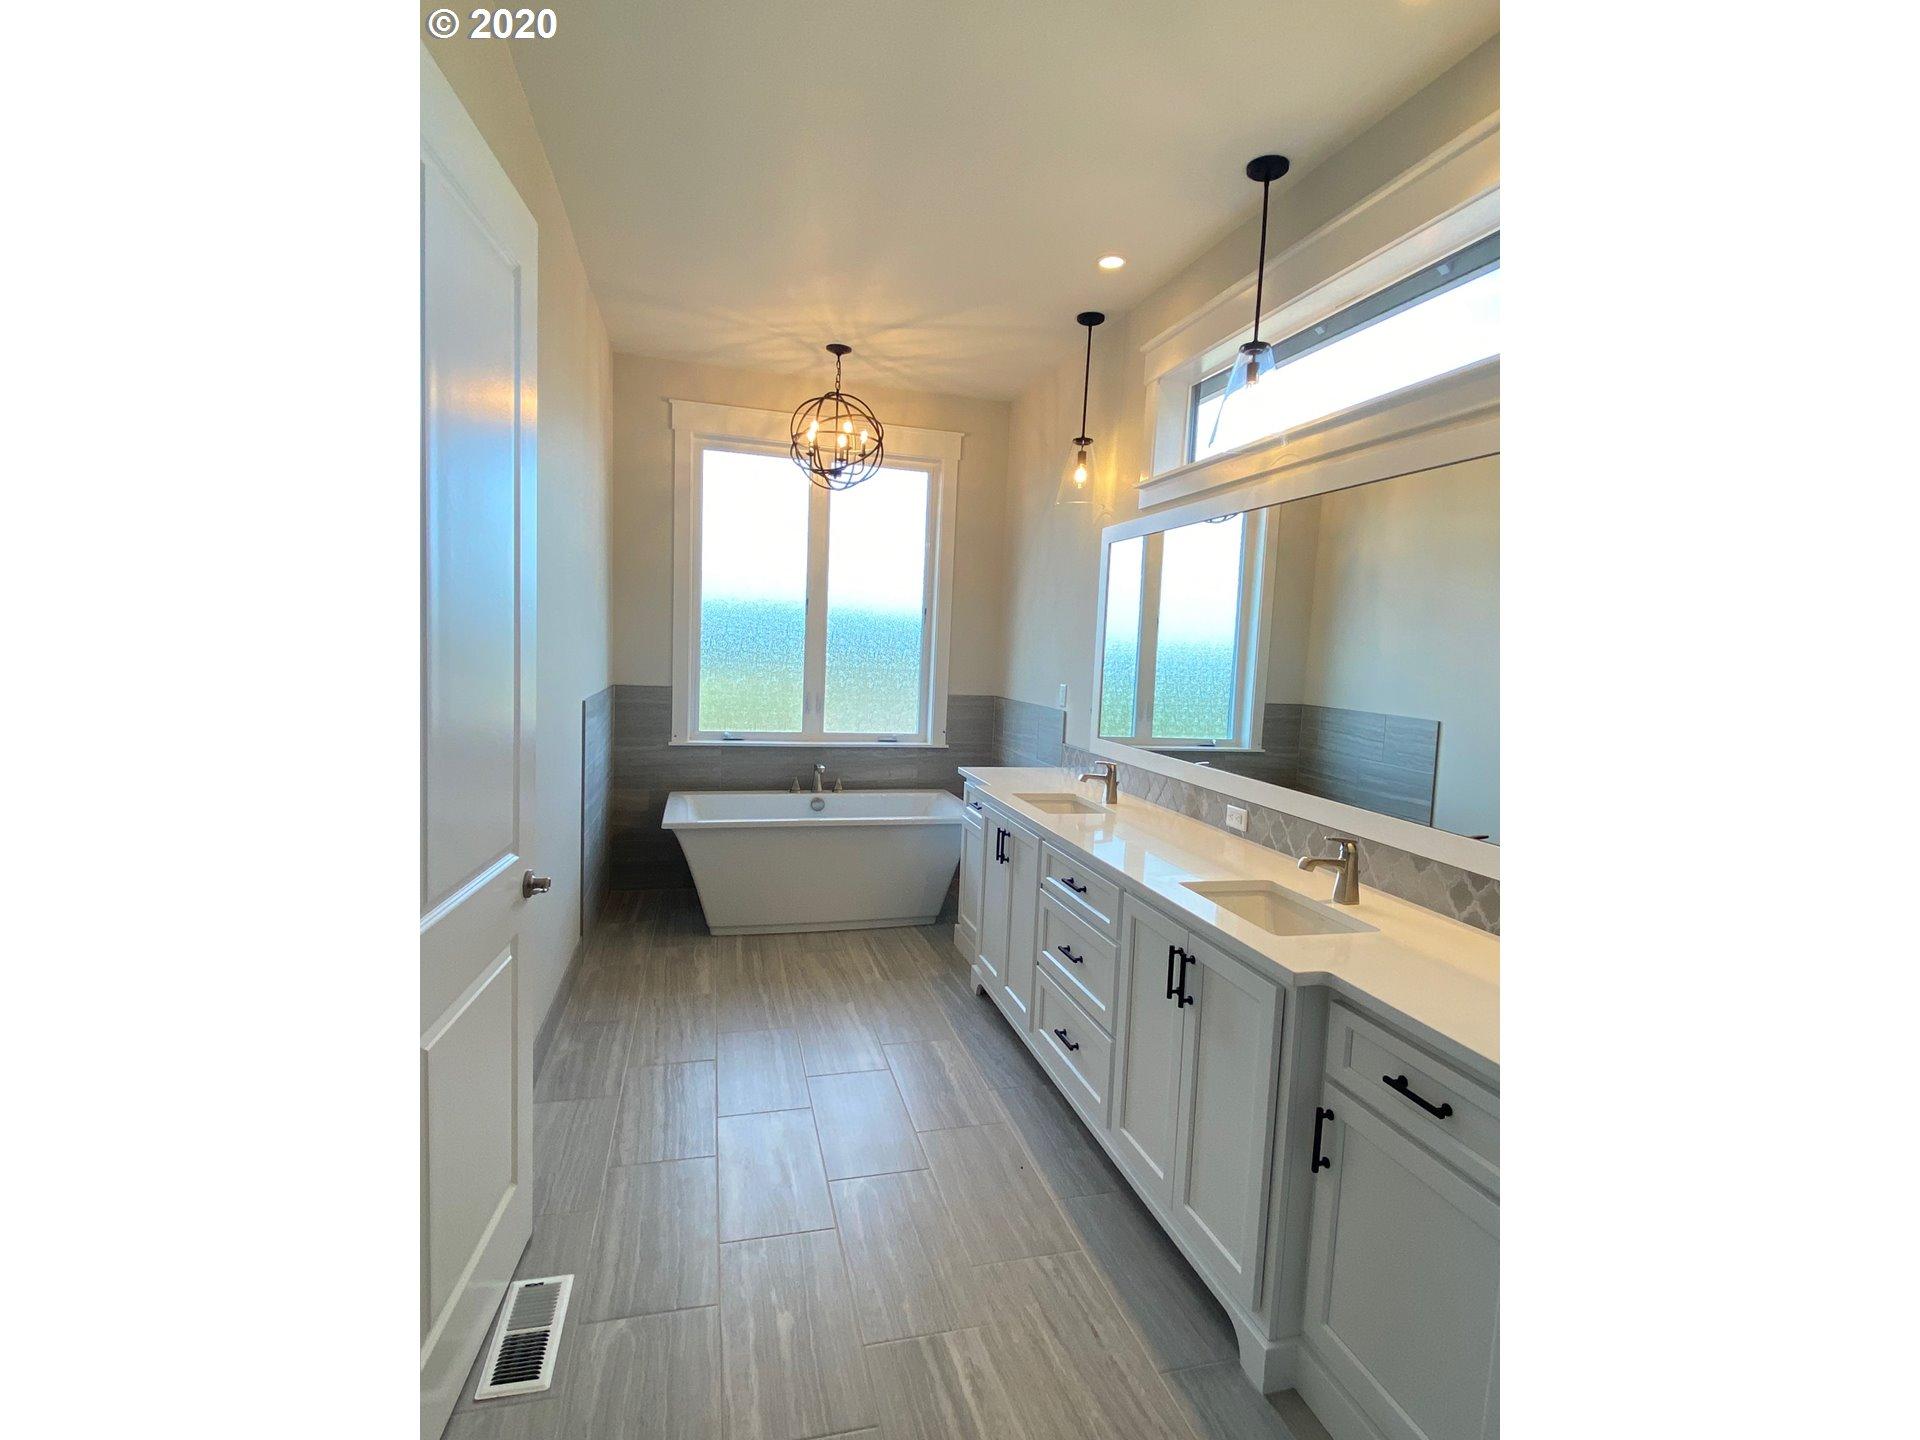 17025 NE 221st Ct, Brush Prairie, WA 98606